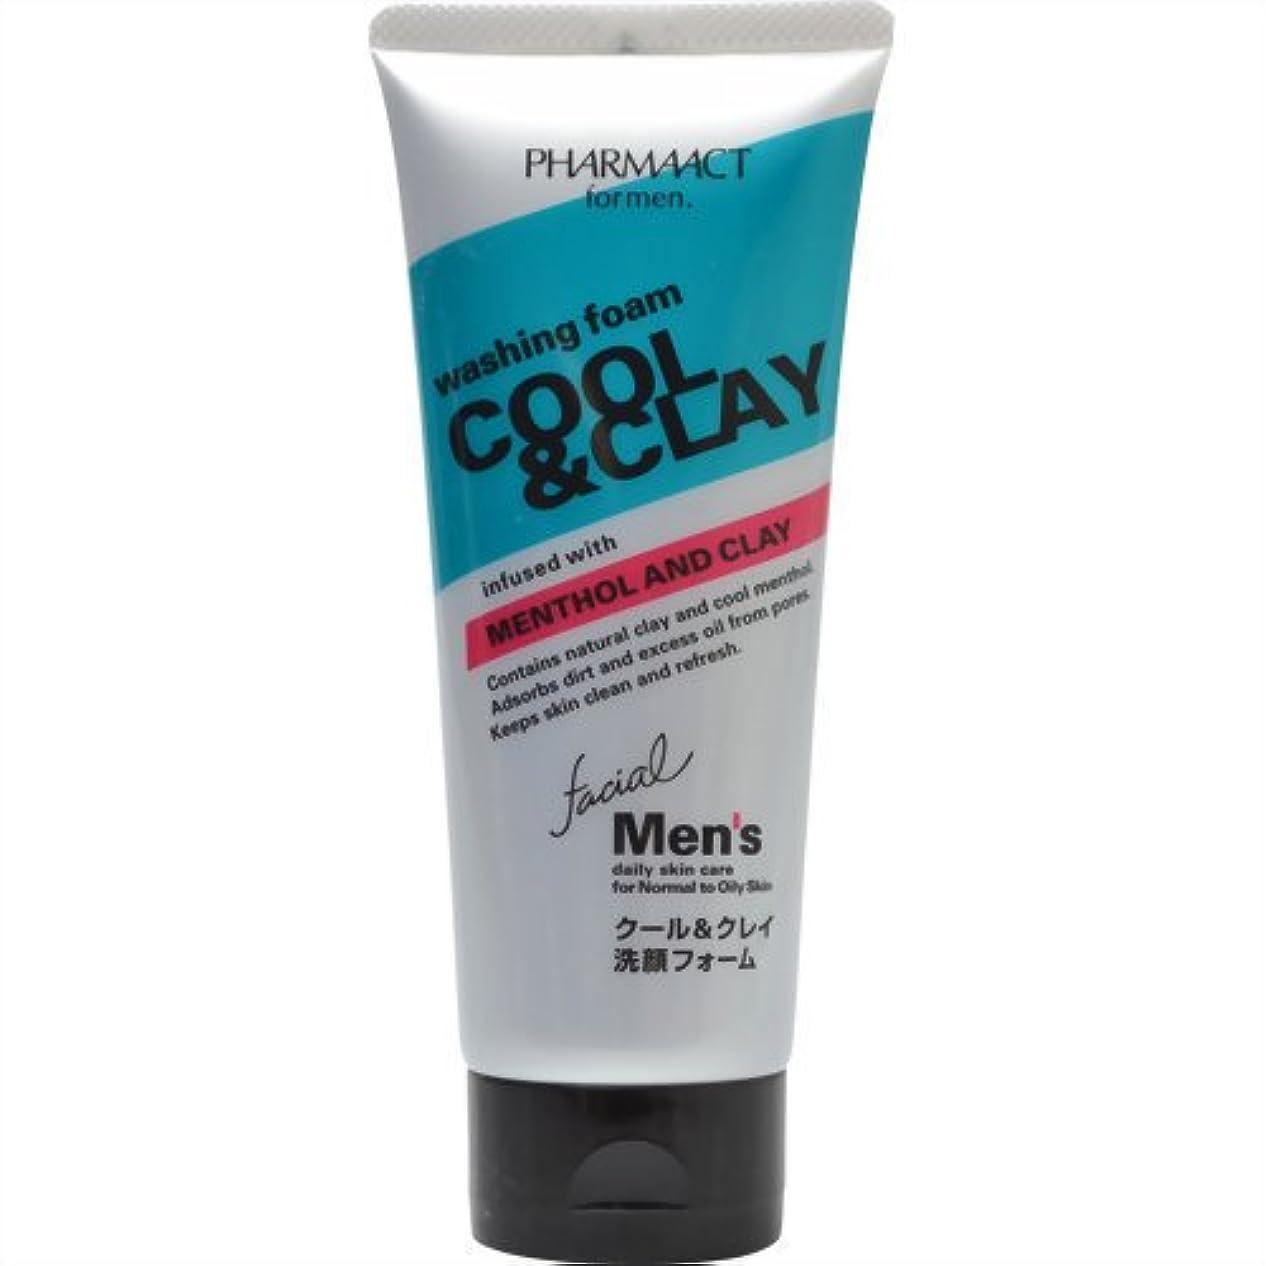 ファーマアクト メンズ クール&クレイ洗顔フォーム 130g